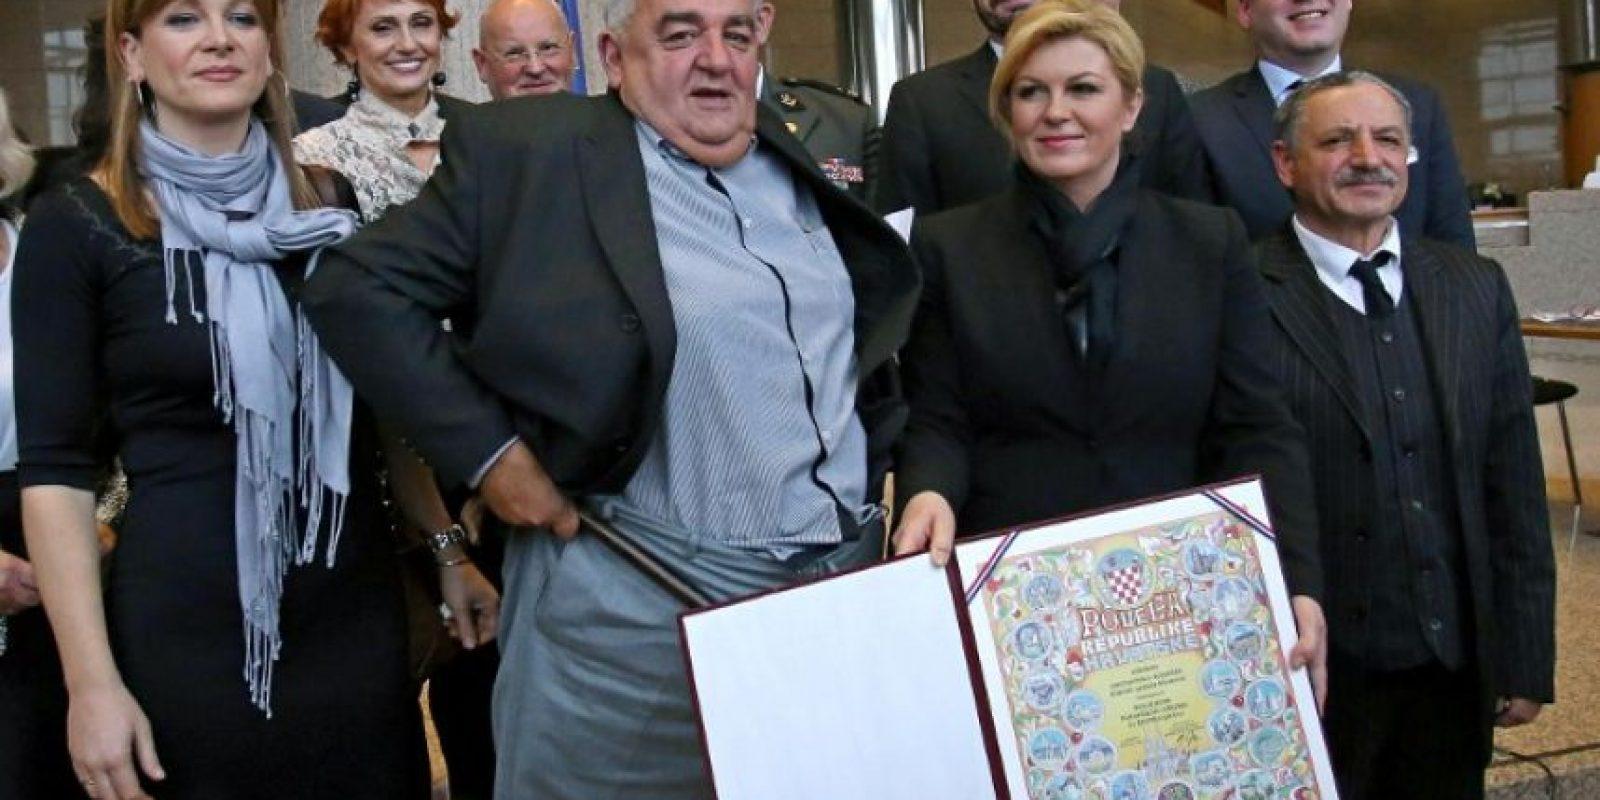 Inmediatamente lo corrigió, aunque quedó registrado en la fotografía oficial Foto:AFP